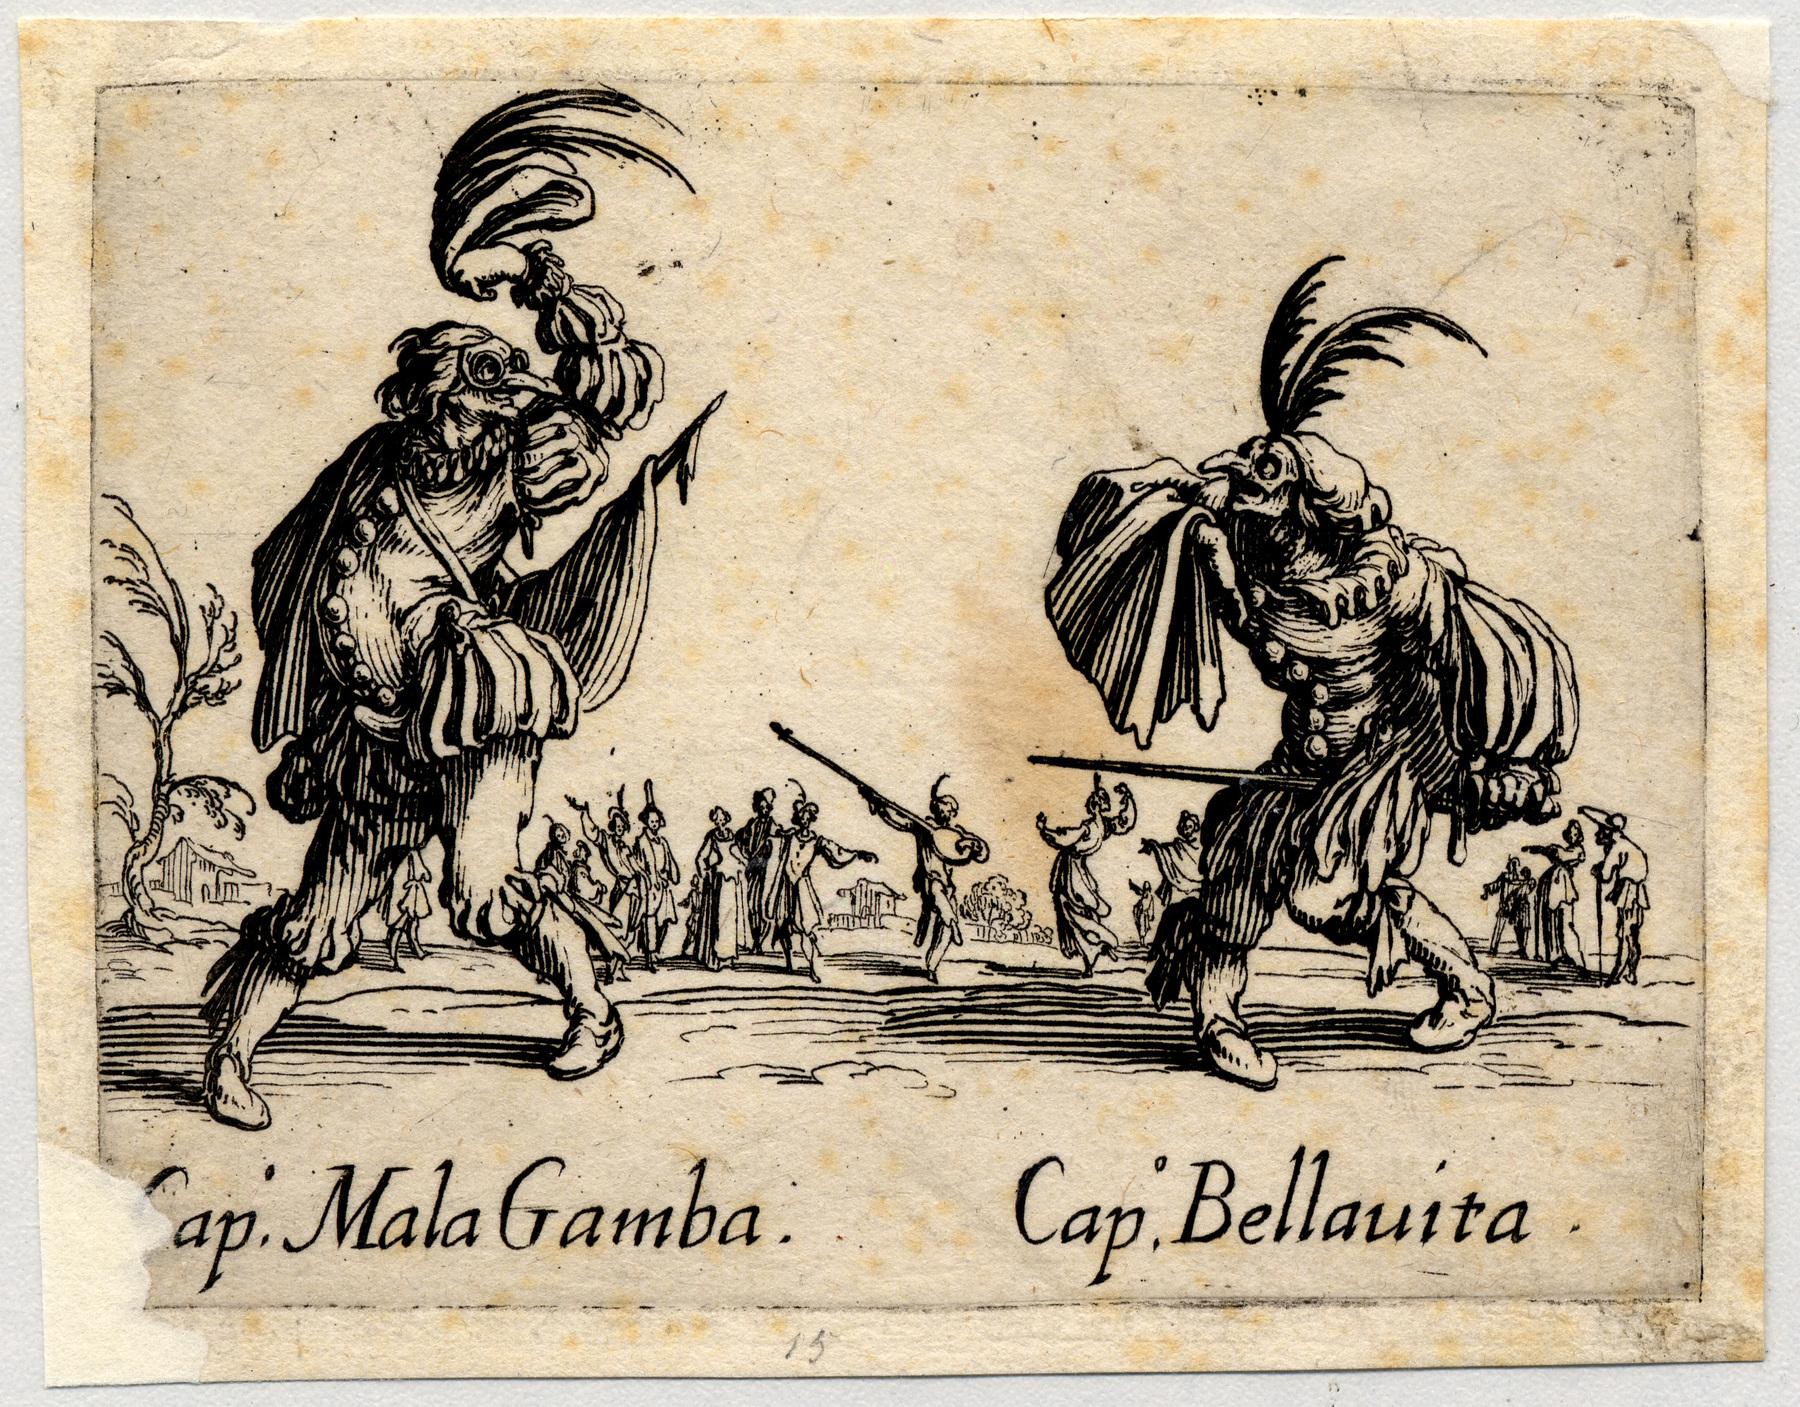 Contenu du Balli di Sfessania : Capitaine Mala Gamba, Bellavita